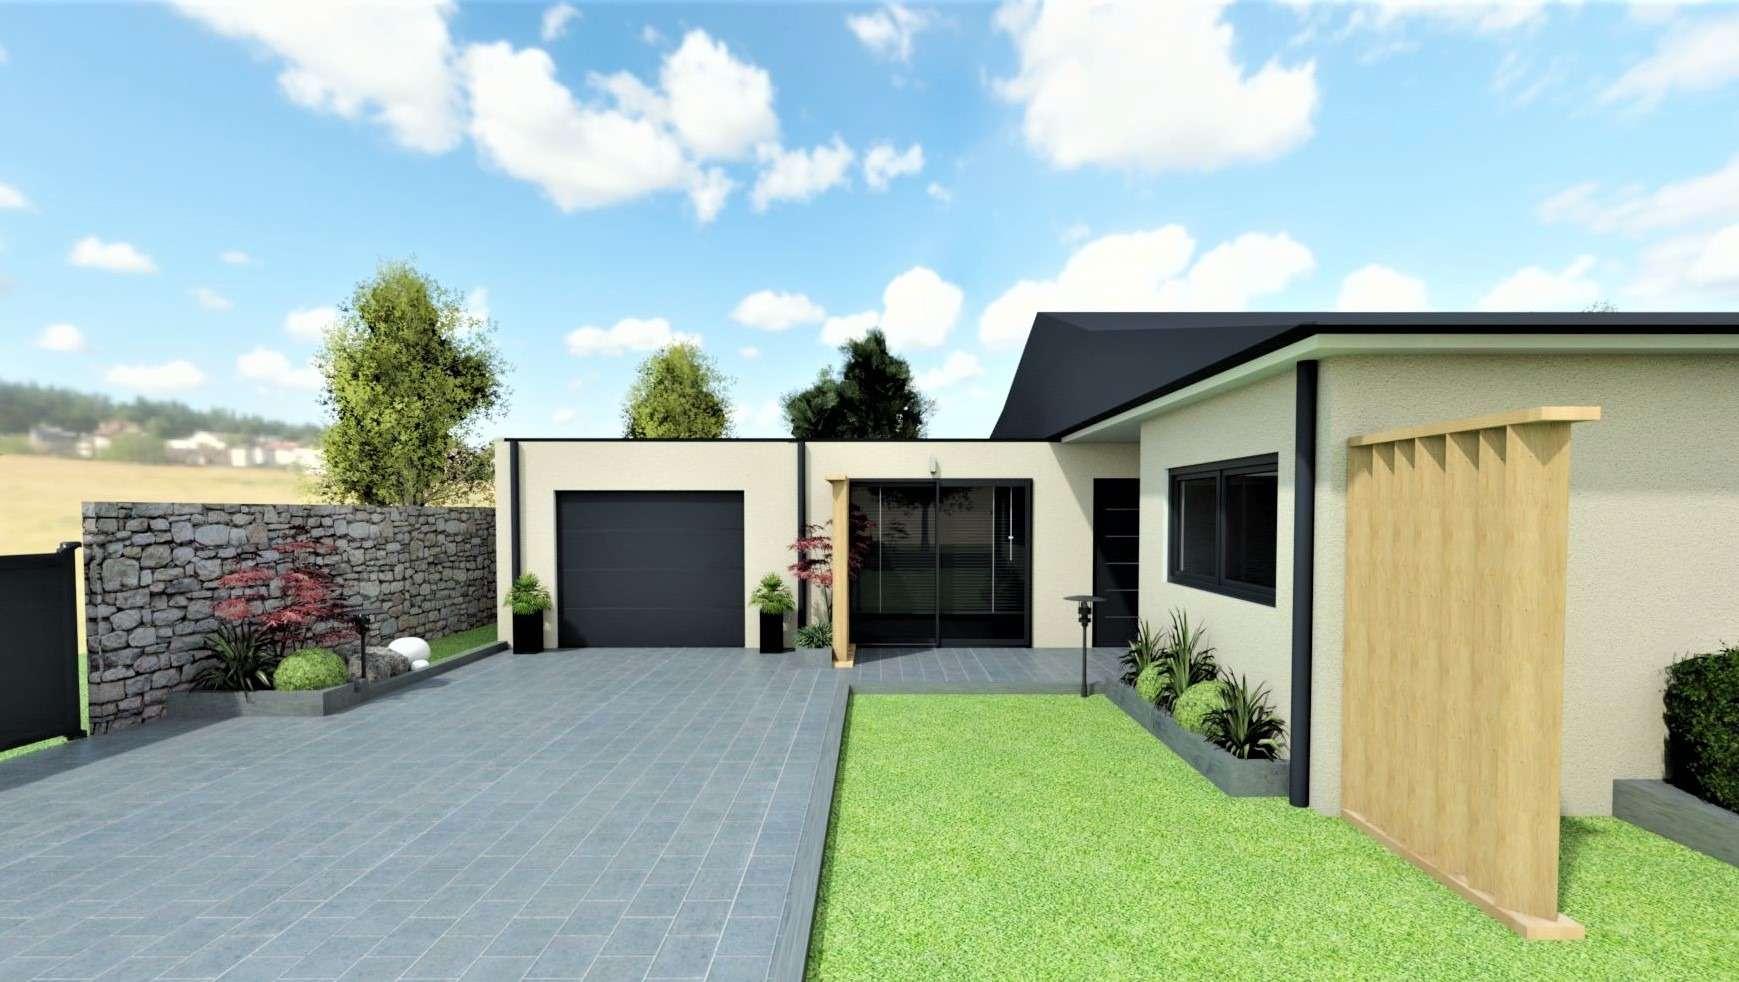 Maison en 3D autre vue